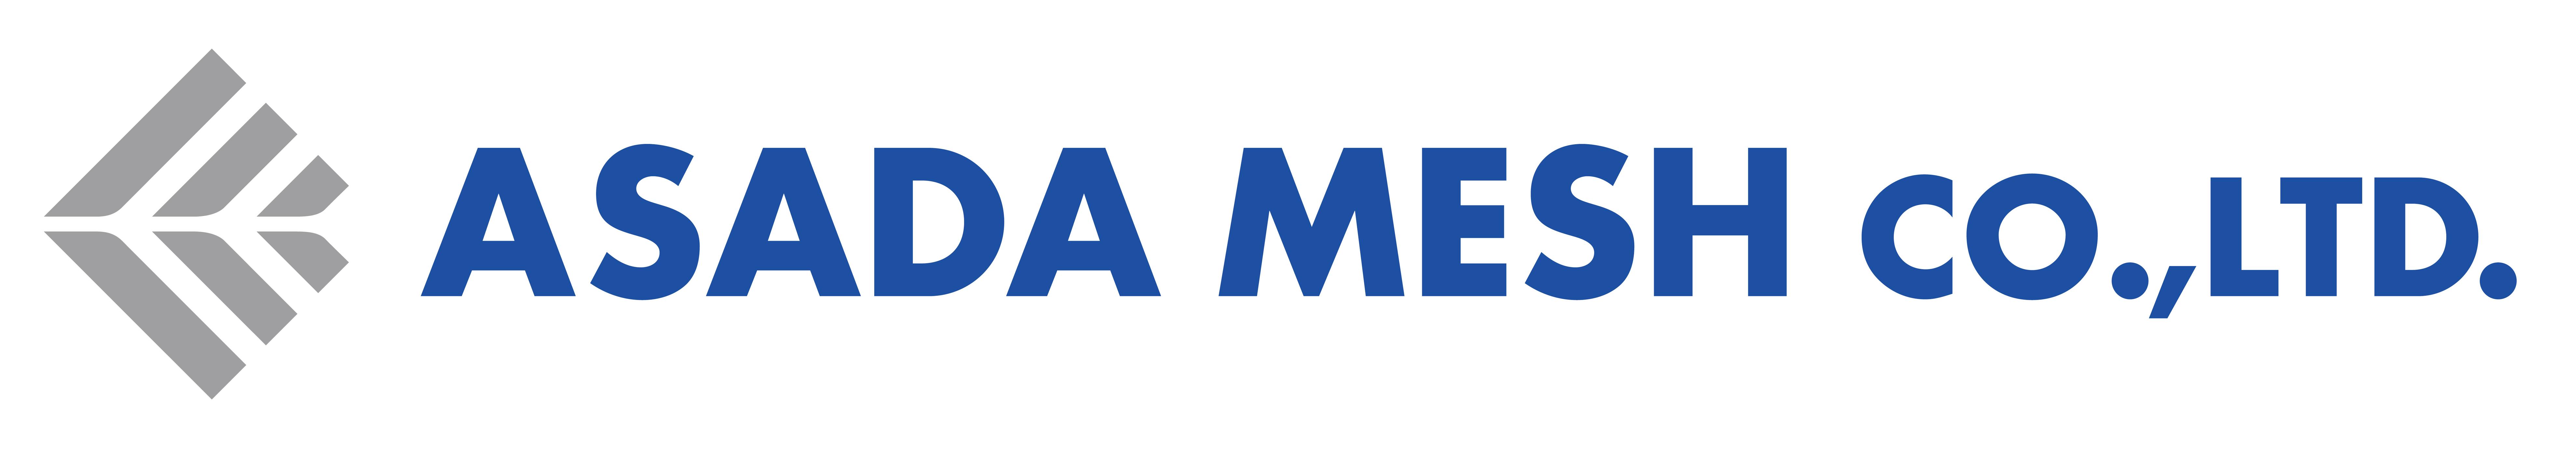 アサダメッシュ株式会社